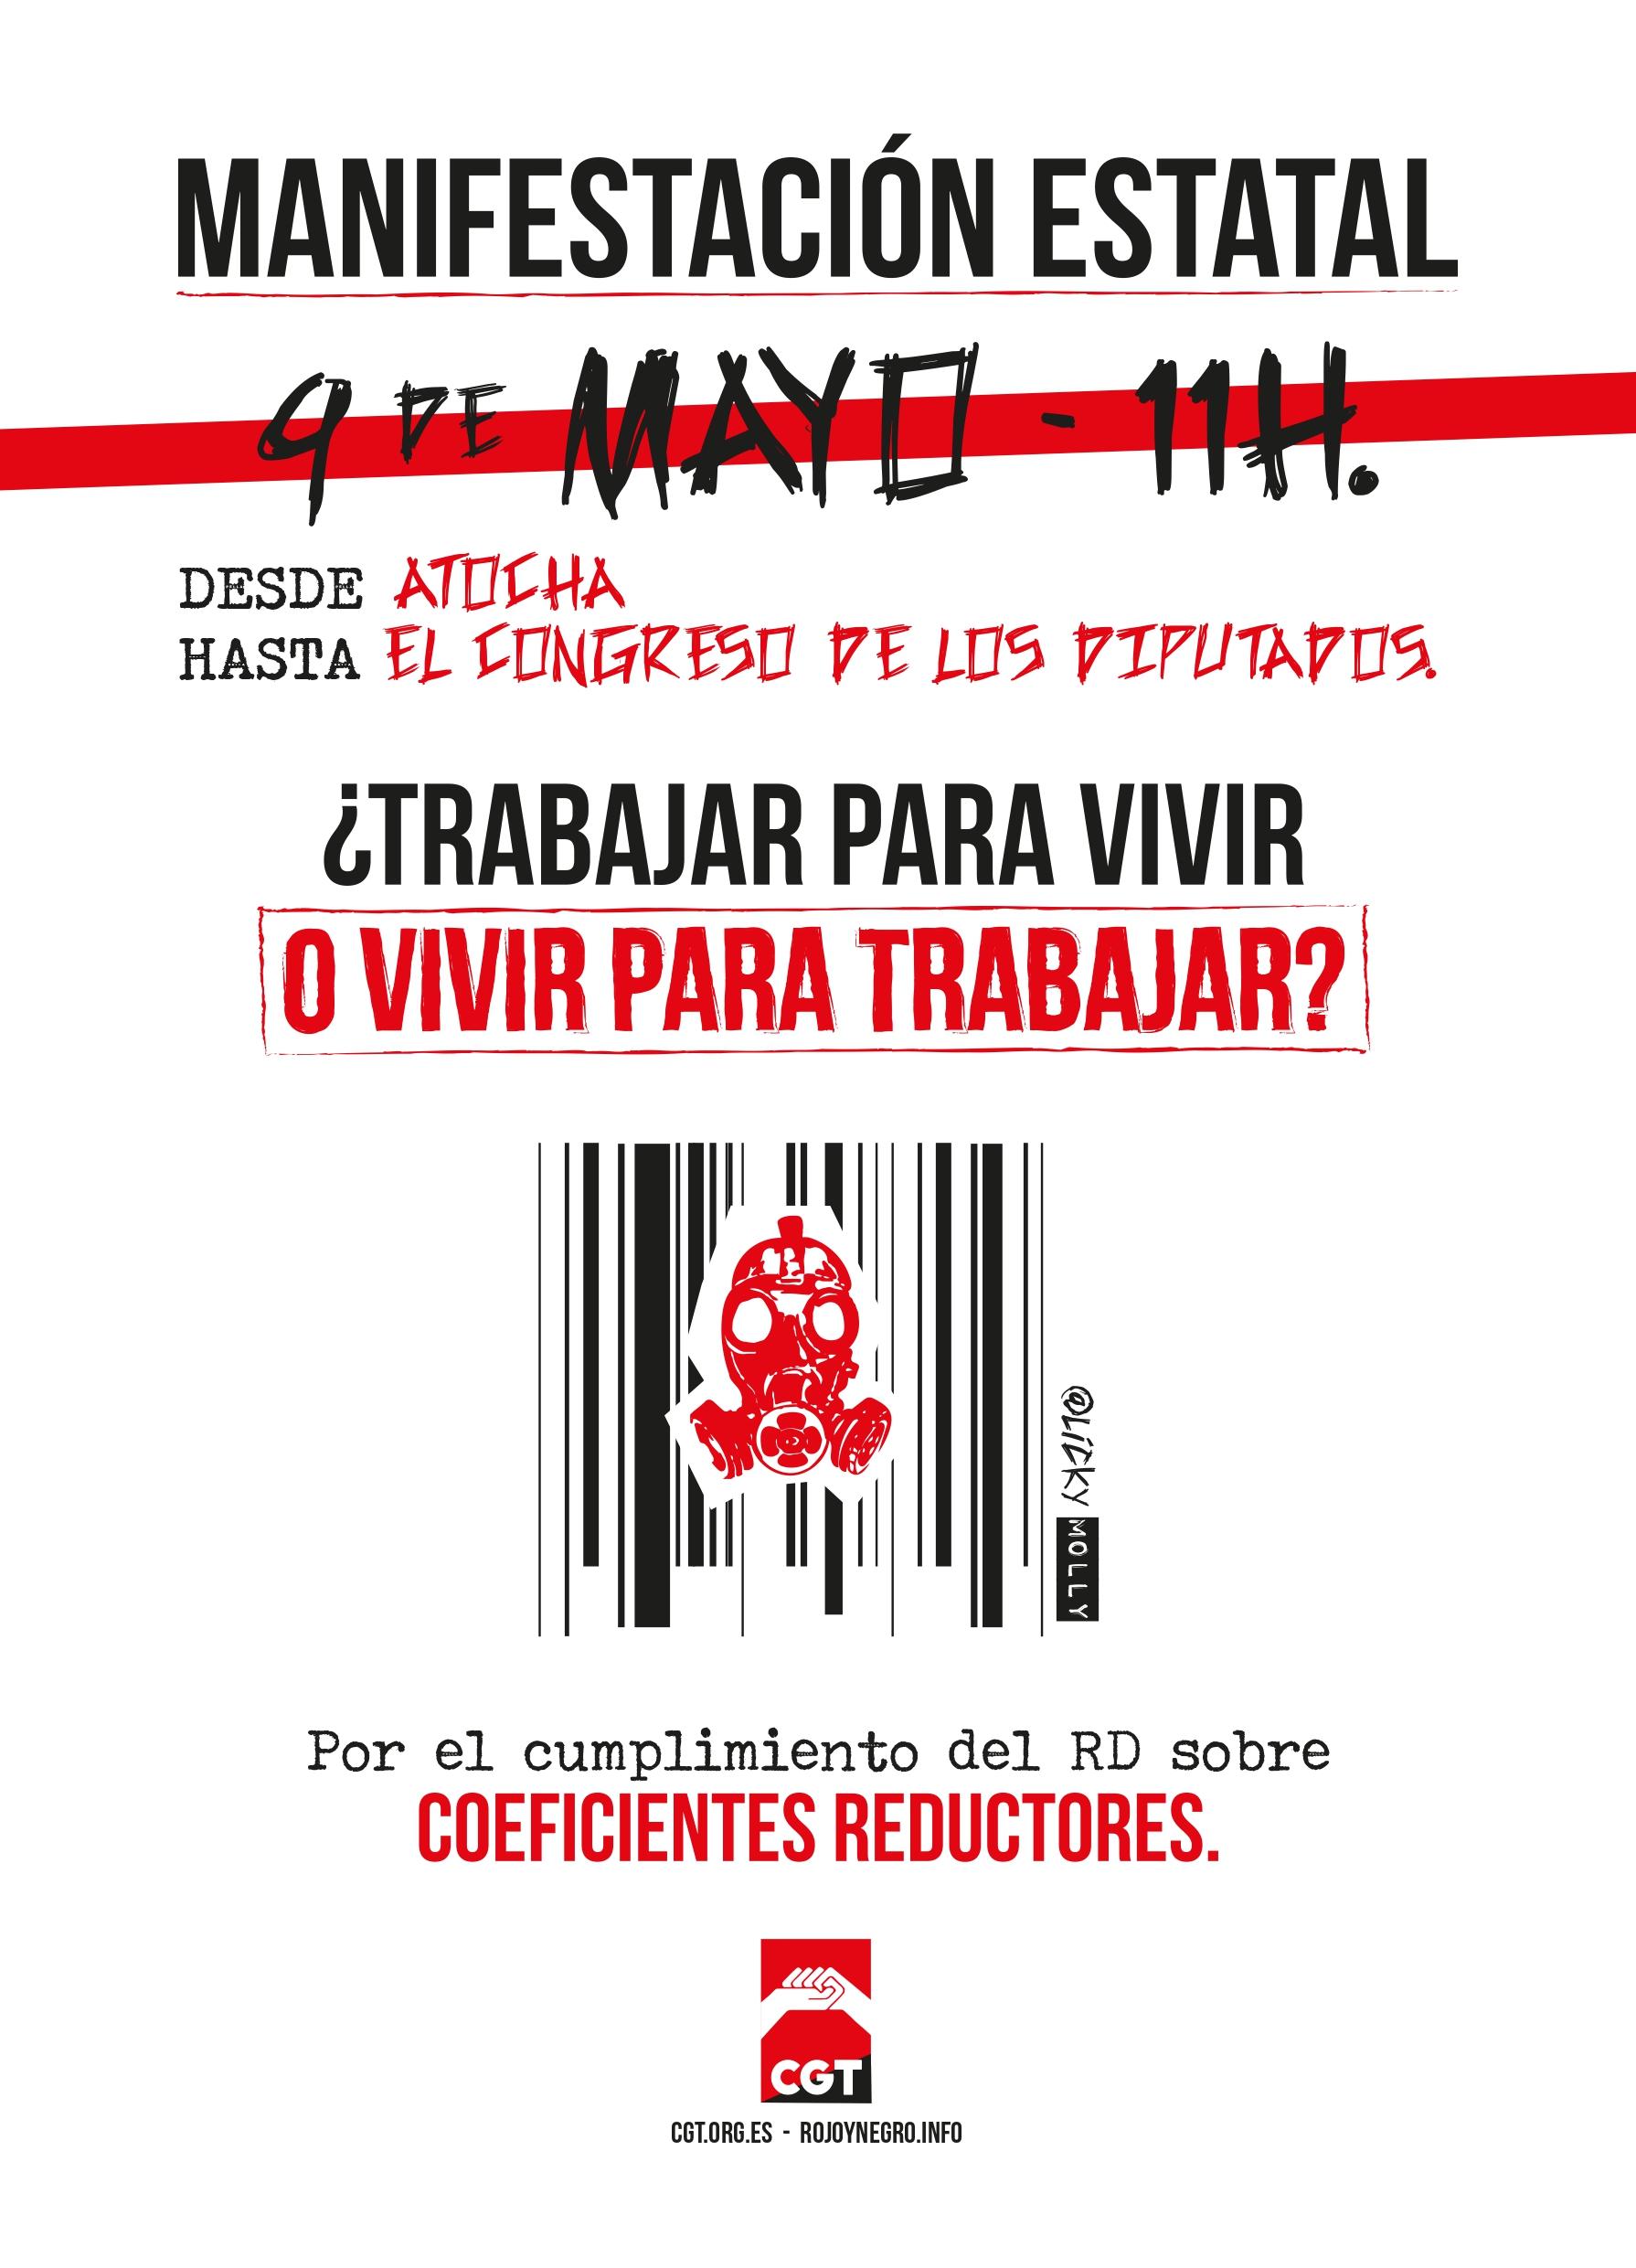 COHEFICIENTE REDUCTOR MANI 9 DE MAYO_page-0001